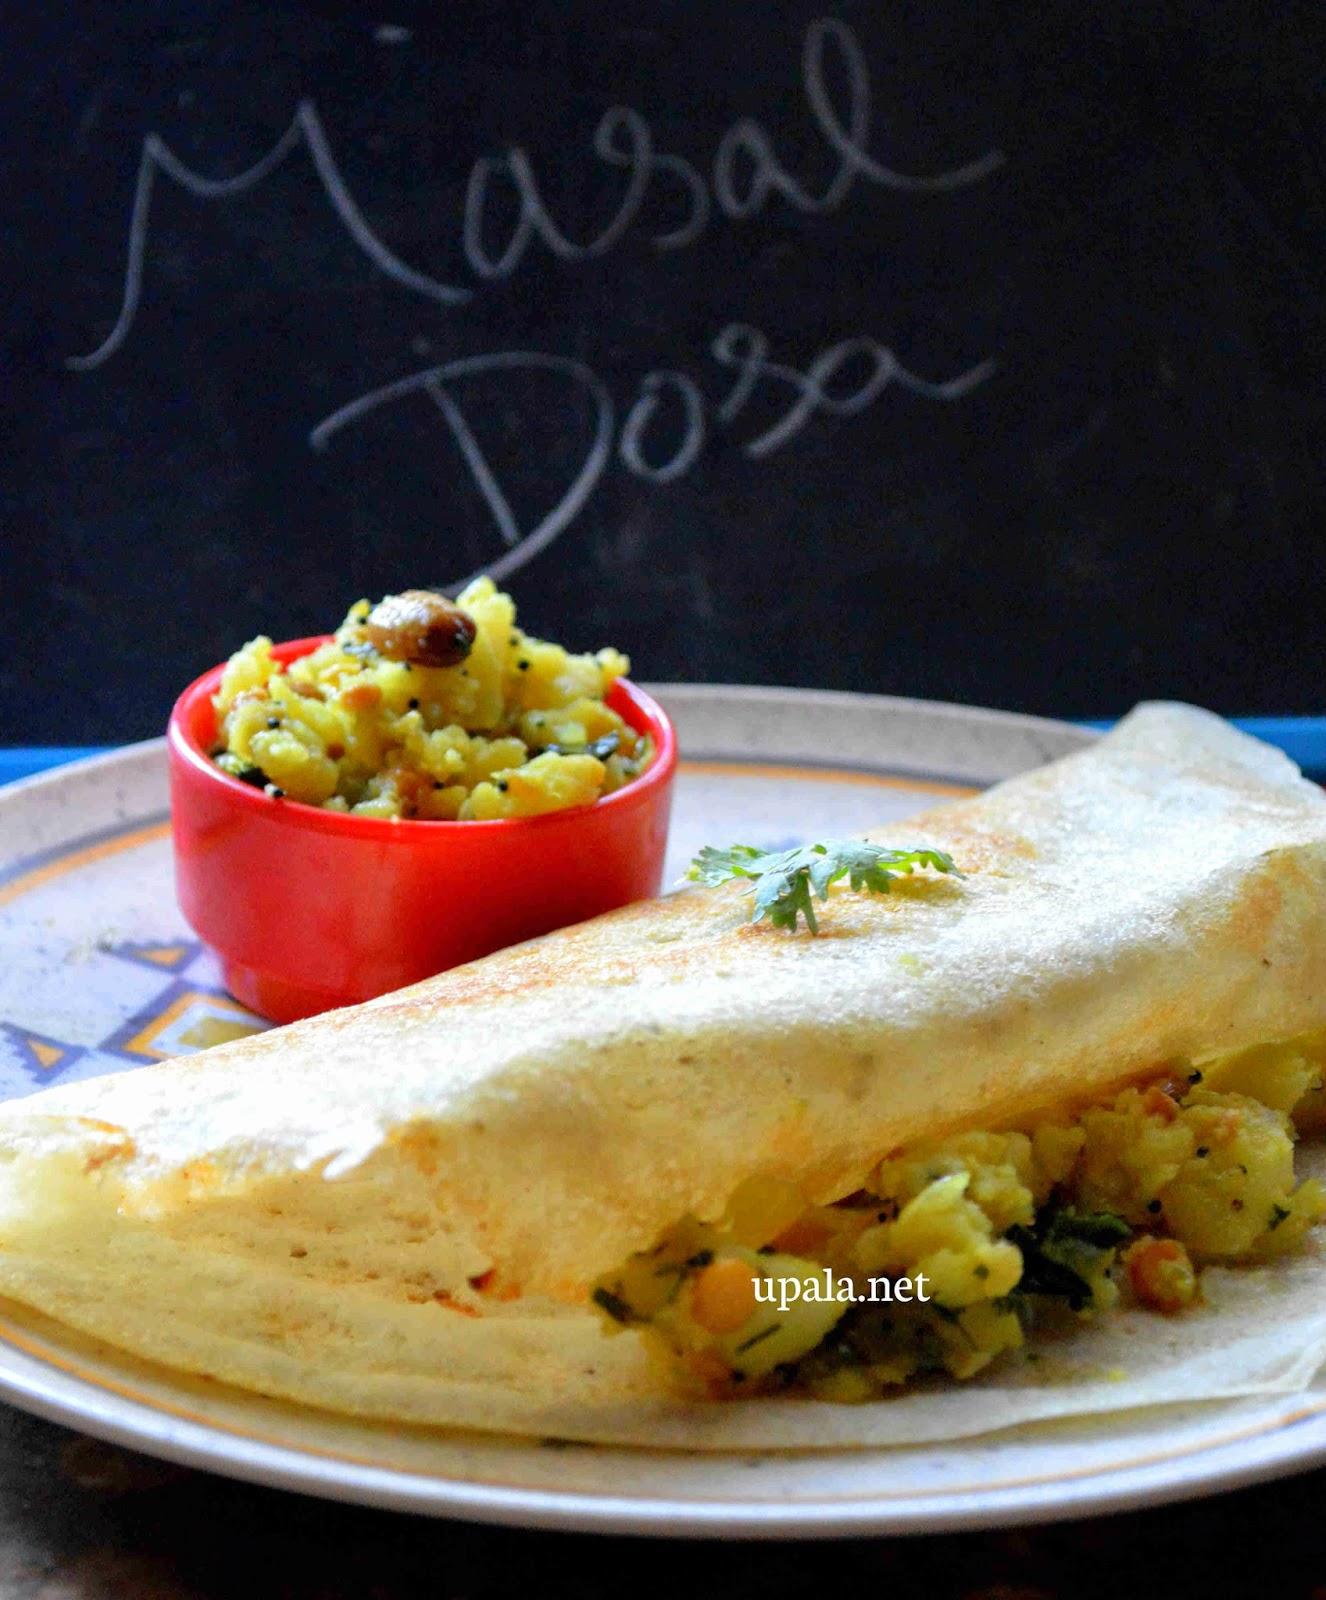 Mixed millet masala dosa